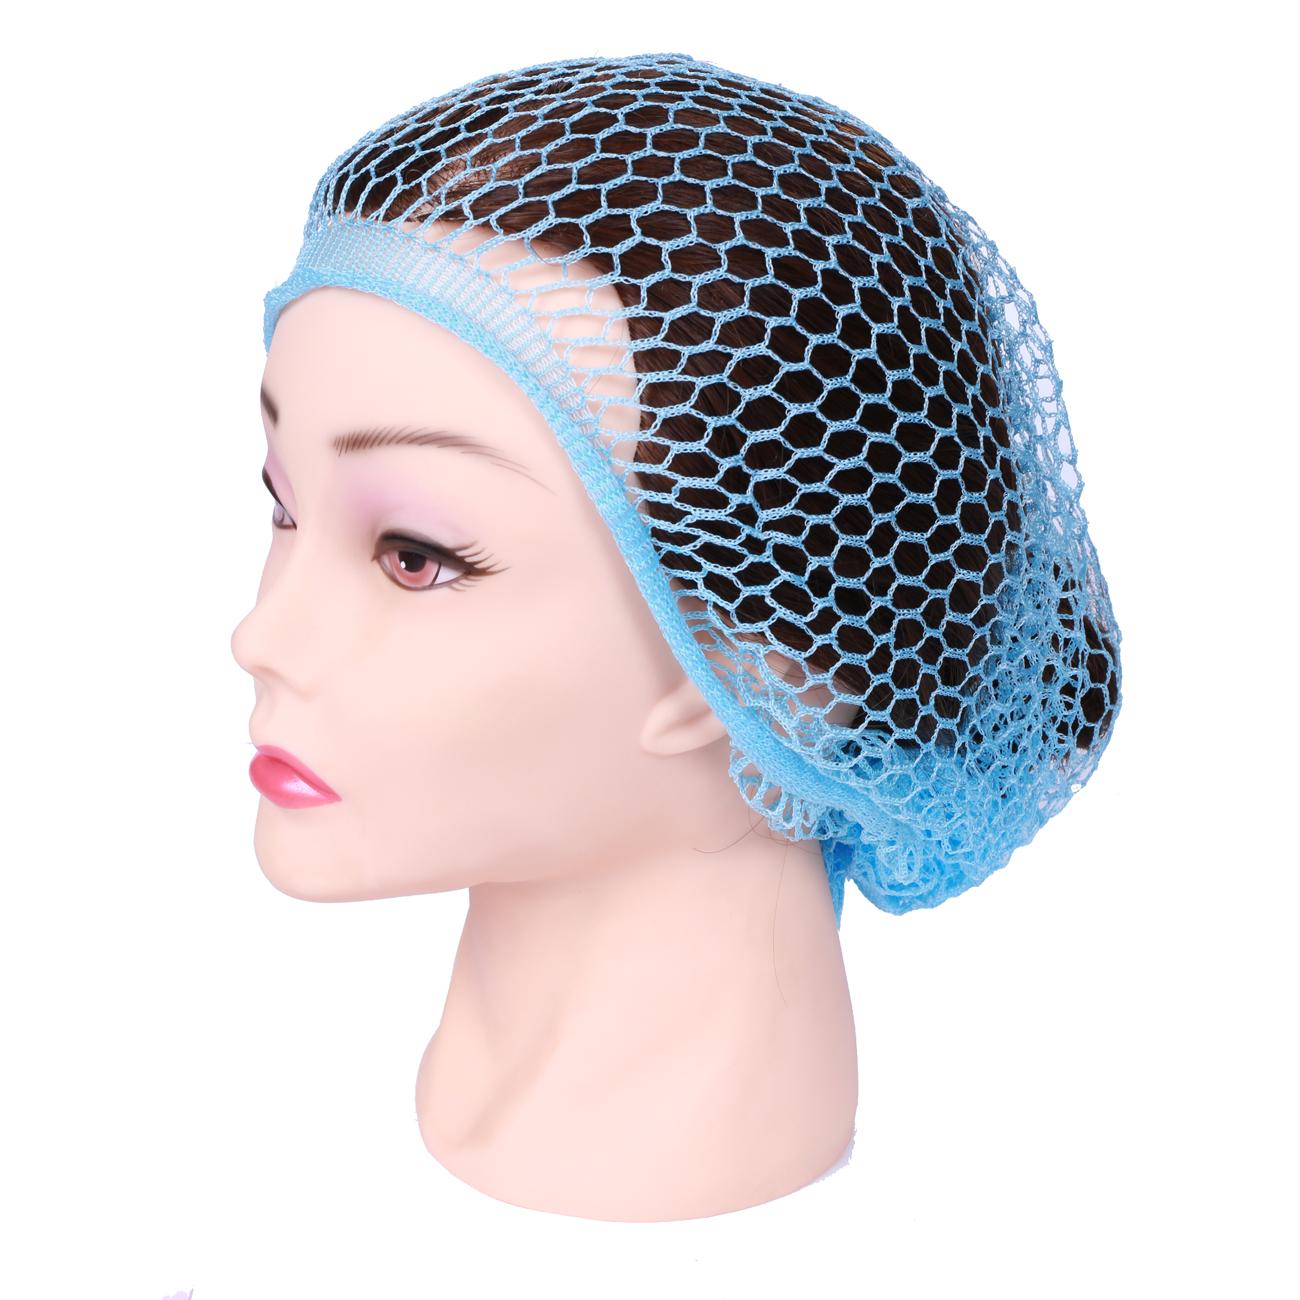 SIBEL Сеточка-косынка для бигуди крупная голубая, Sibel